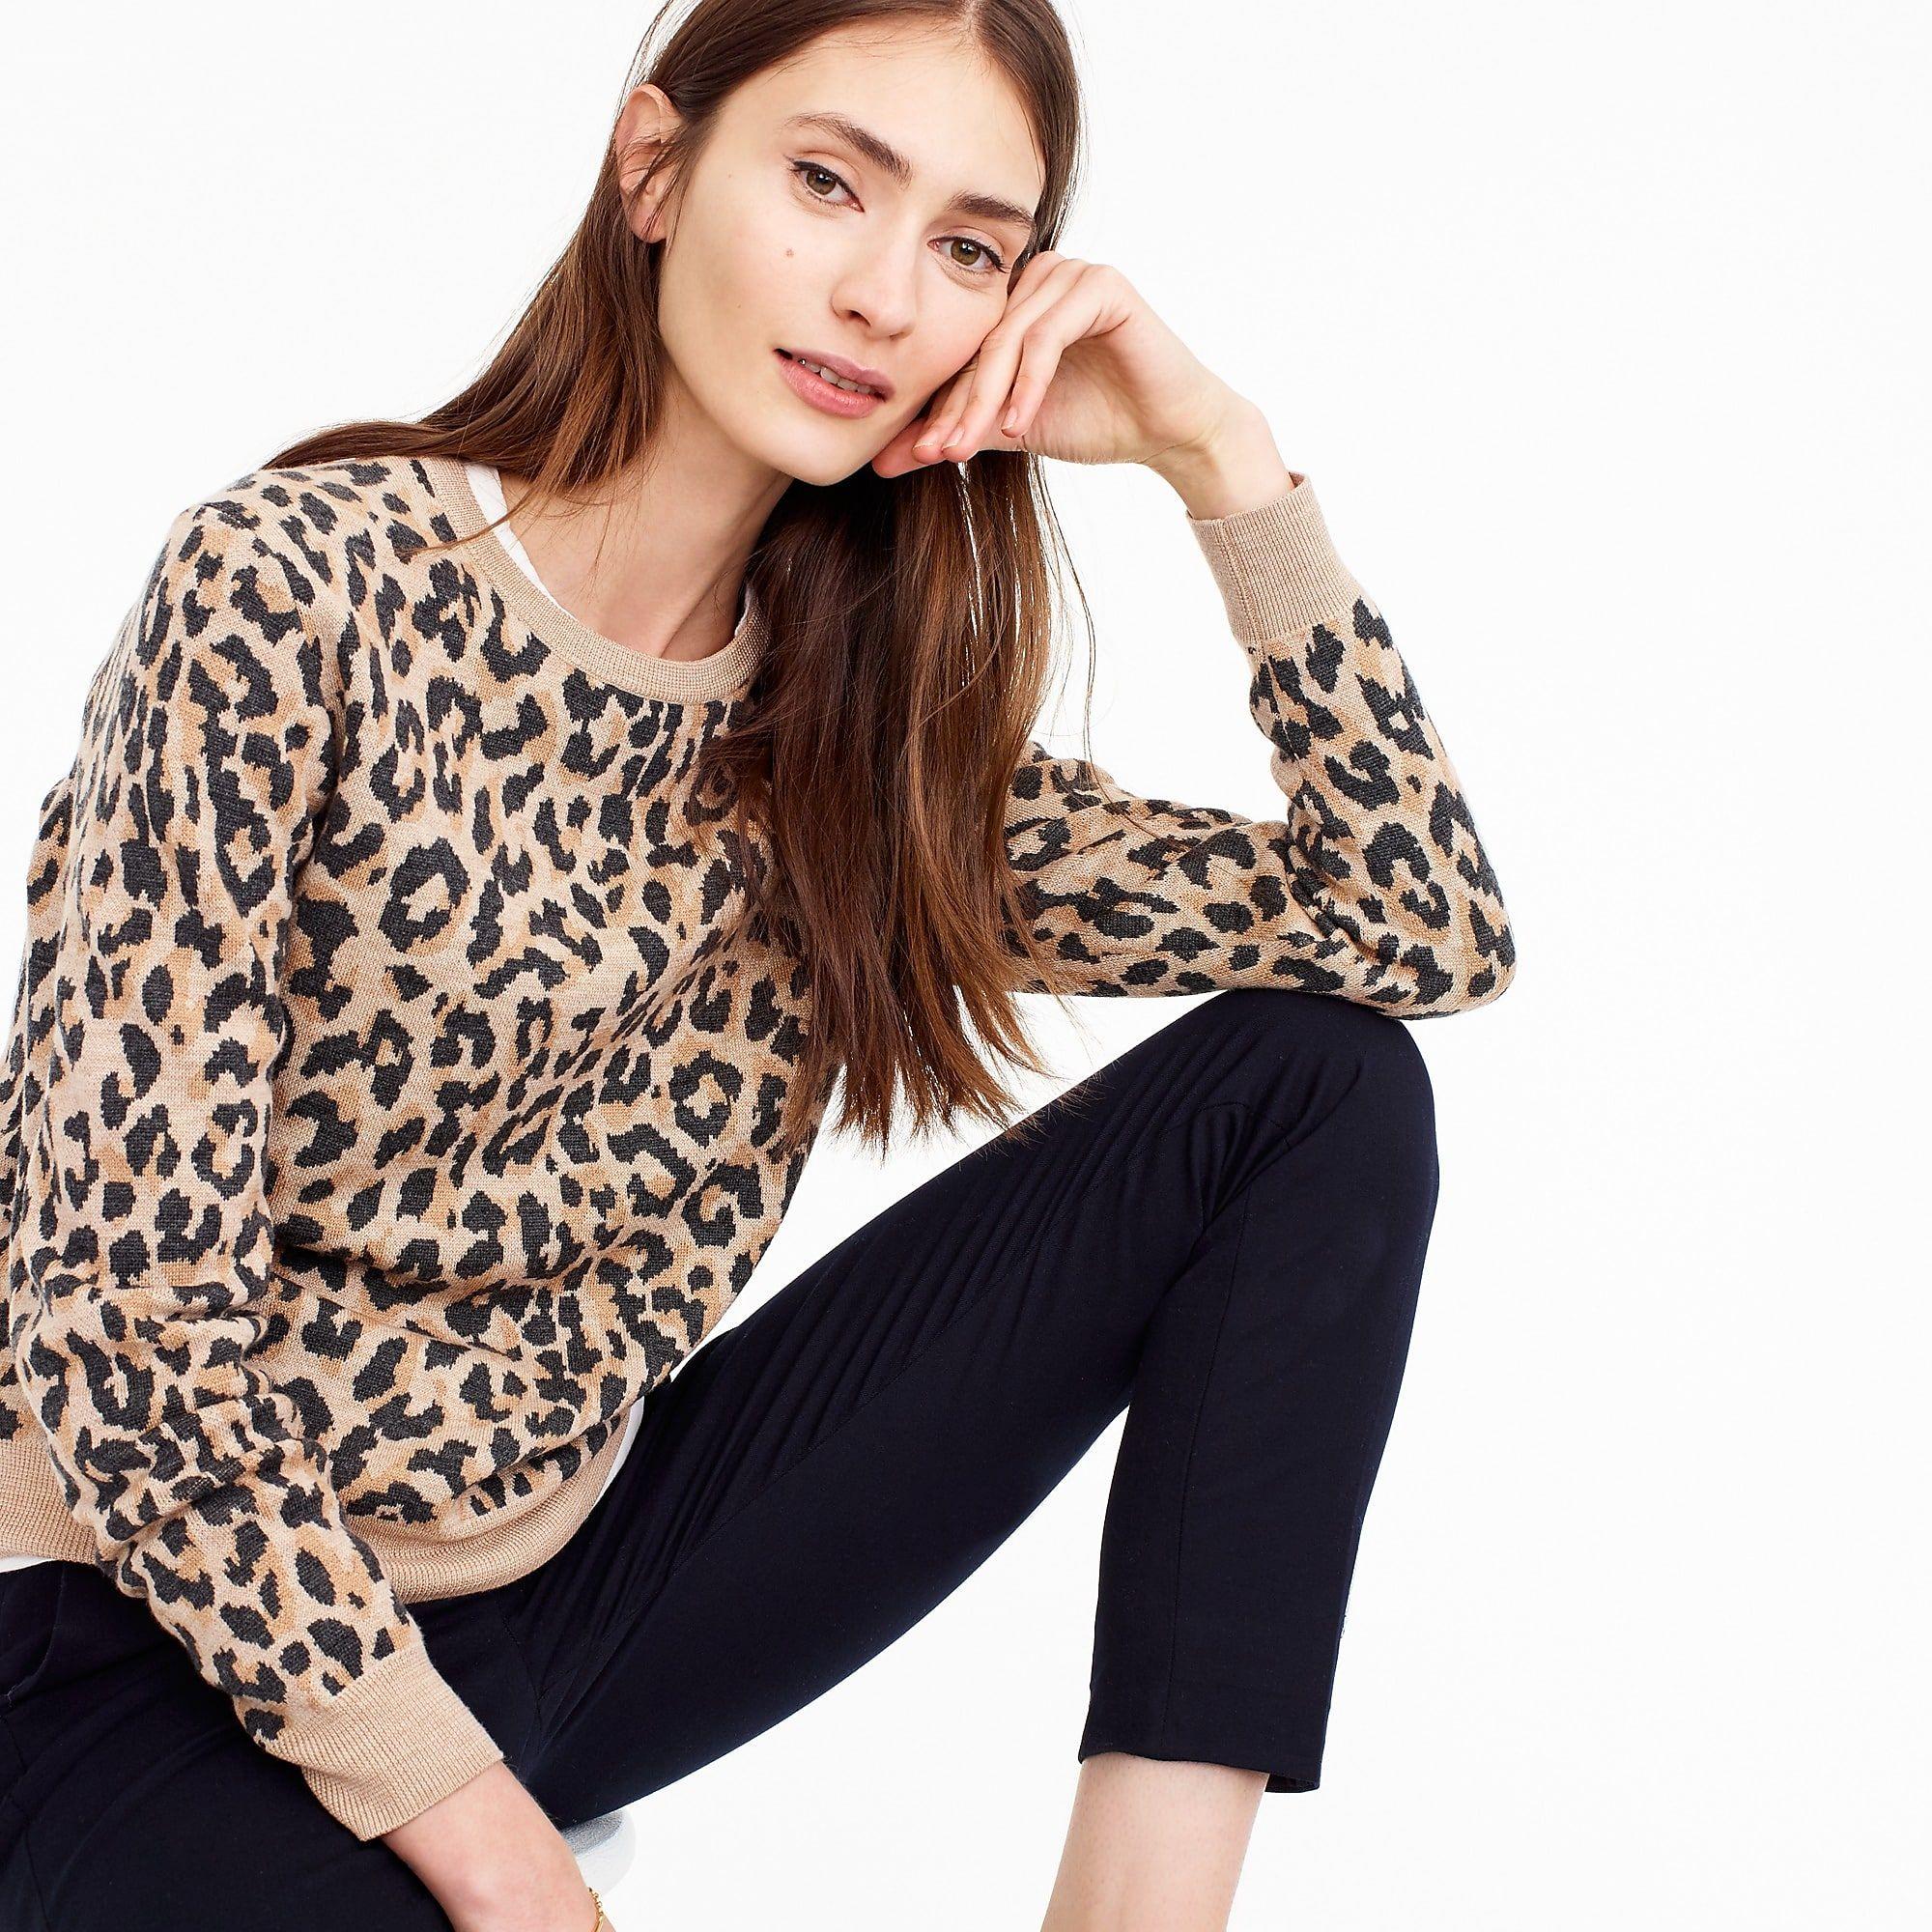 f8b696551ea7 Merino wool crewneck sweatshirt in leopard - Women's Sweaters | J.Crew